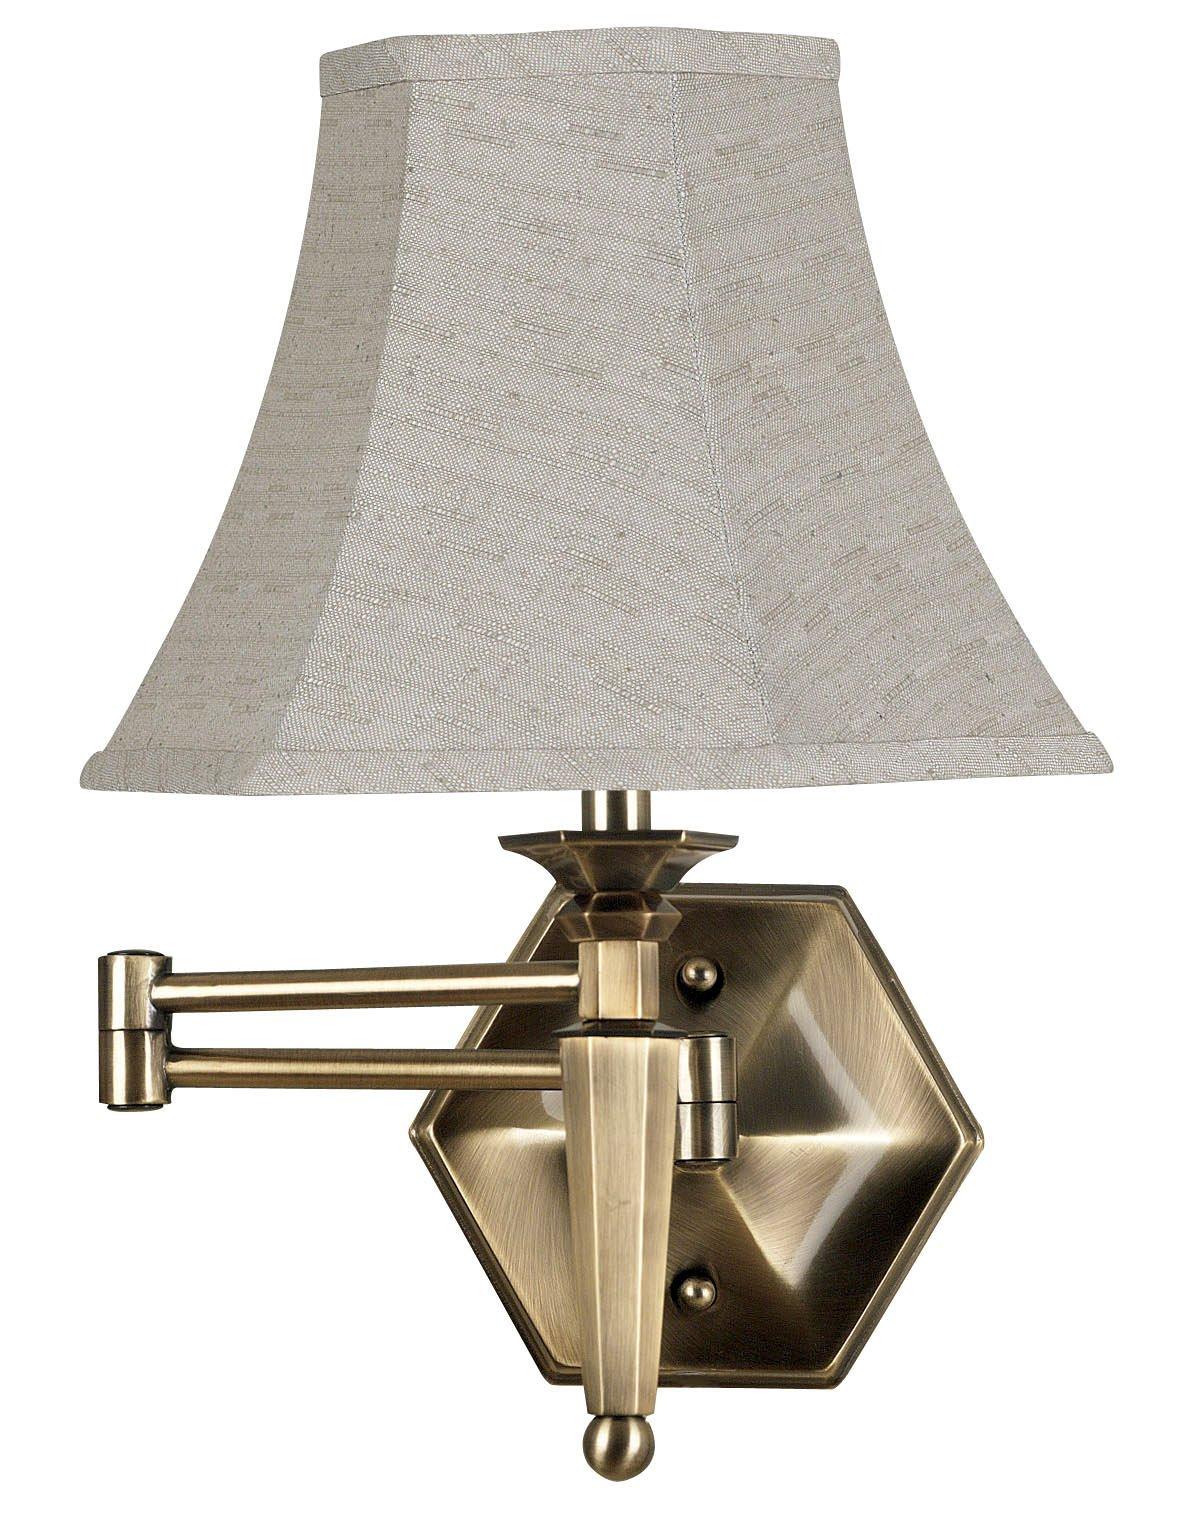 Kenroy Home 20618GBRZ Mackinley Wall Swing Arm Lamp, Georgetown Bronze